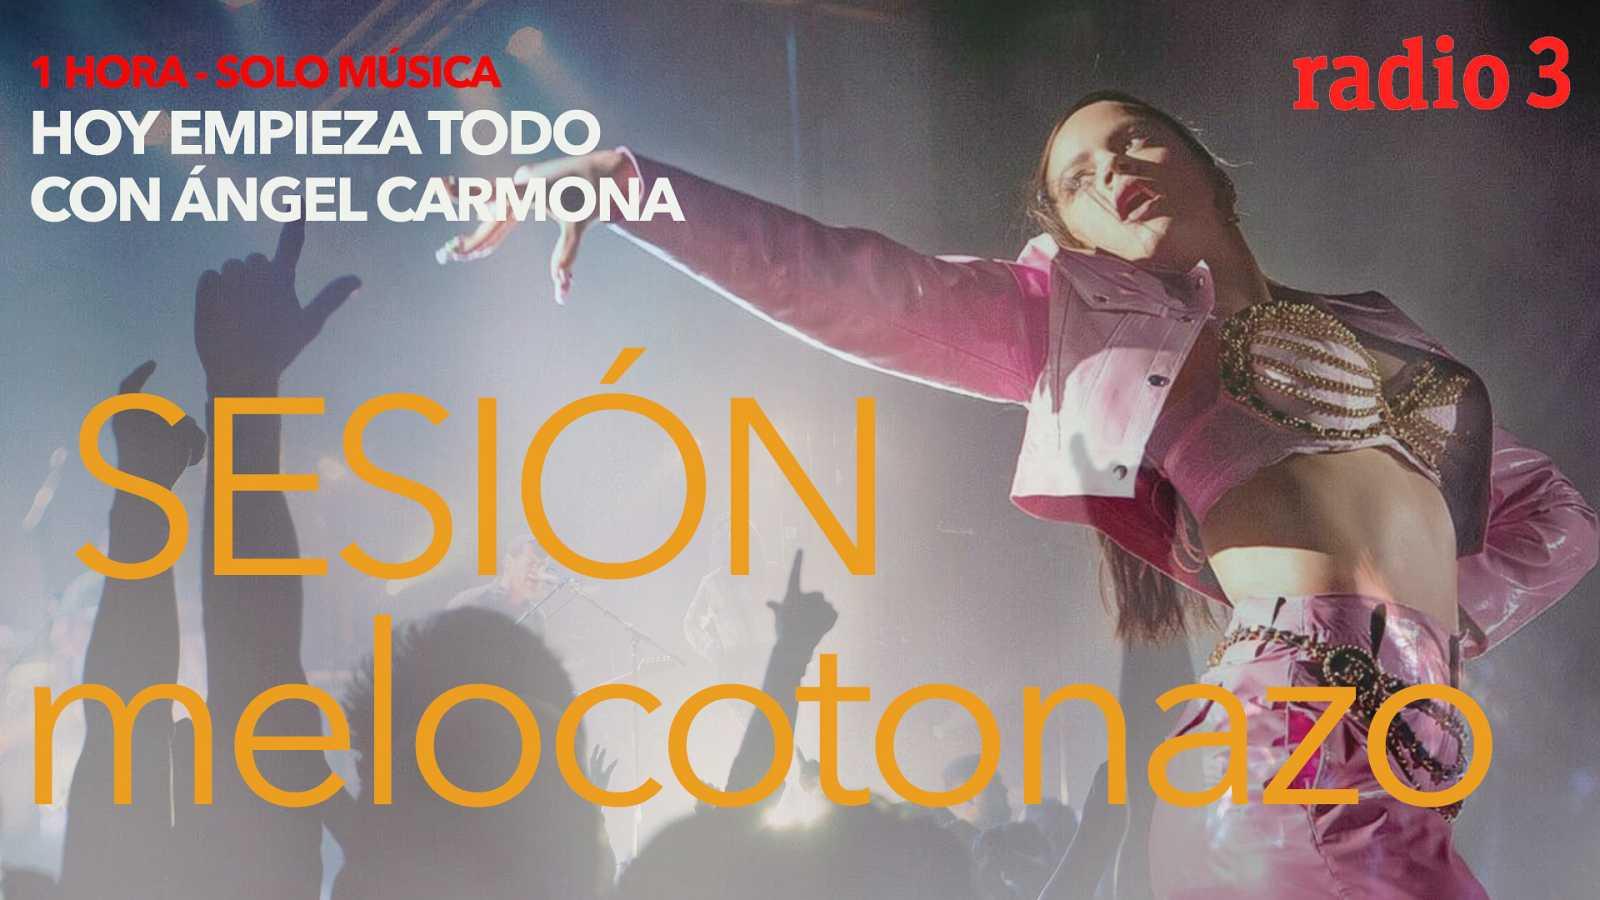 Hoy empieza todo con Ángel Carmona - Sesión Melocotonazo: Rosalía, Kesha... - 25/09/20 - escuchar ahora